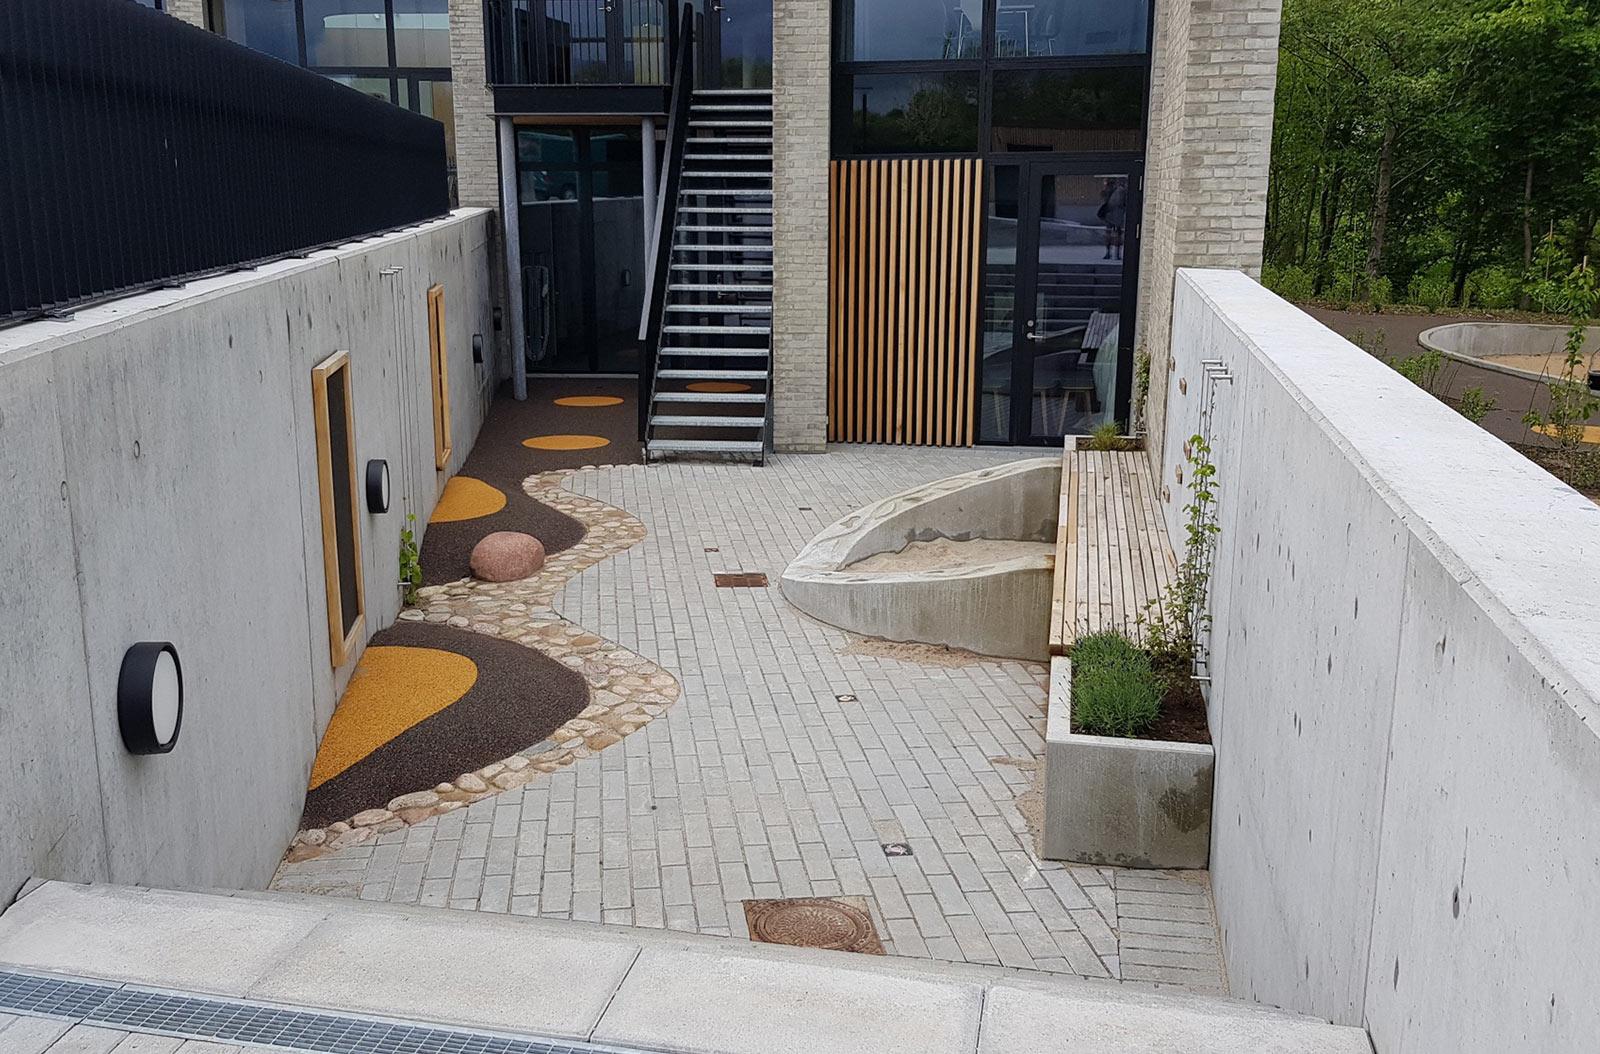 En trappe går fra en bygning ned til et område hvor der er en bænk og flisebelægning